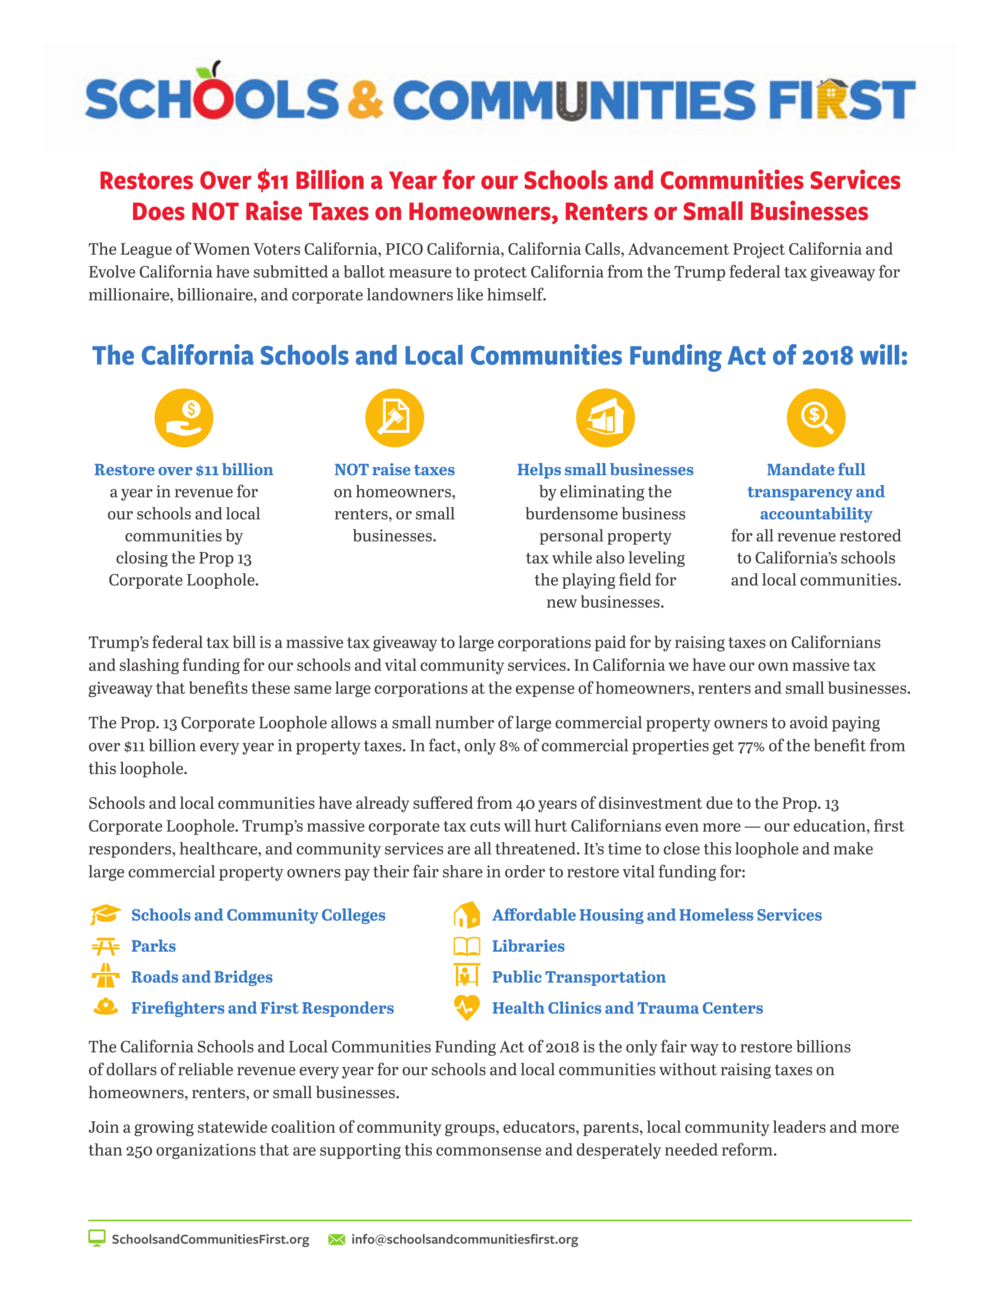 SchoolsandCommunitiesFirst_FactSheet_v2_8.5x11_r5-1.png